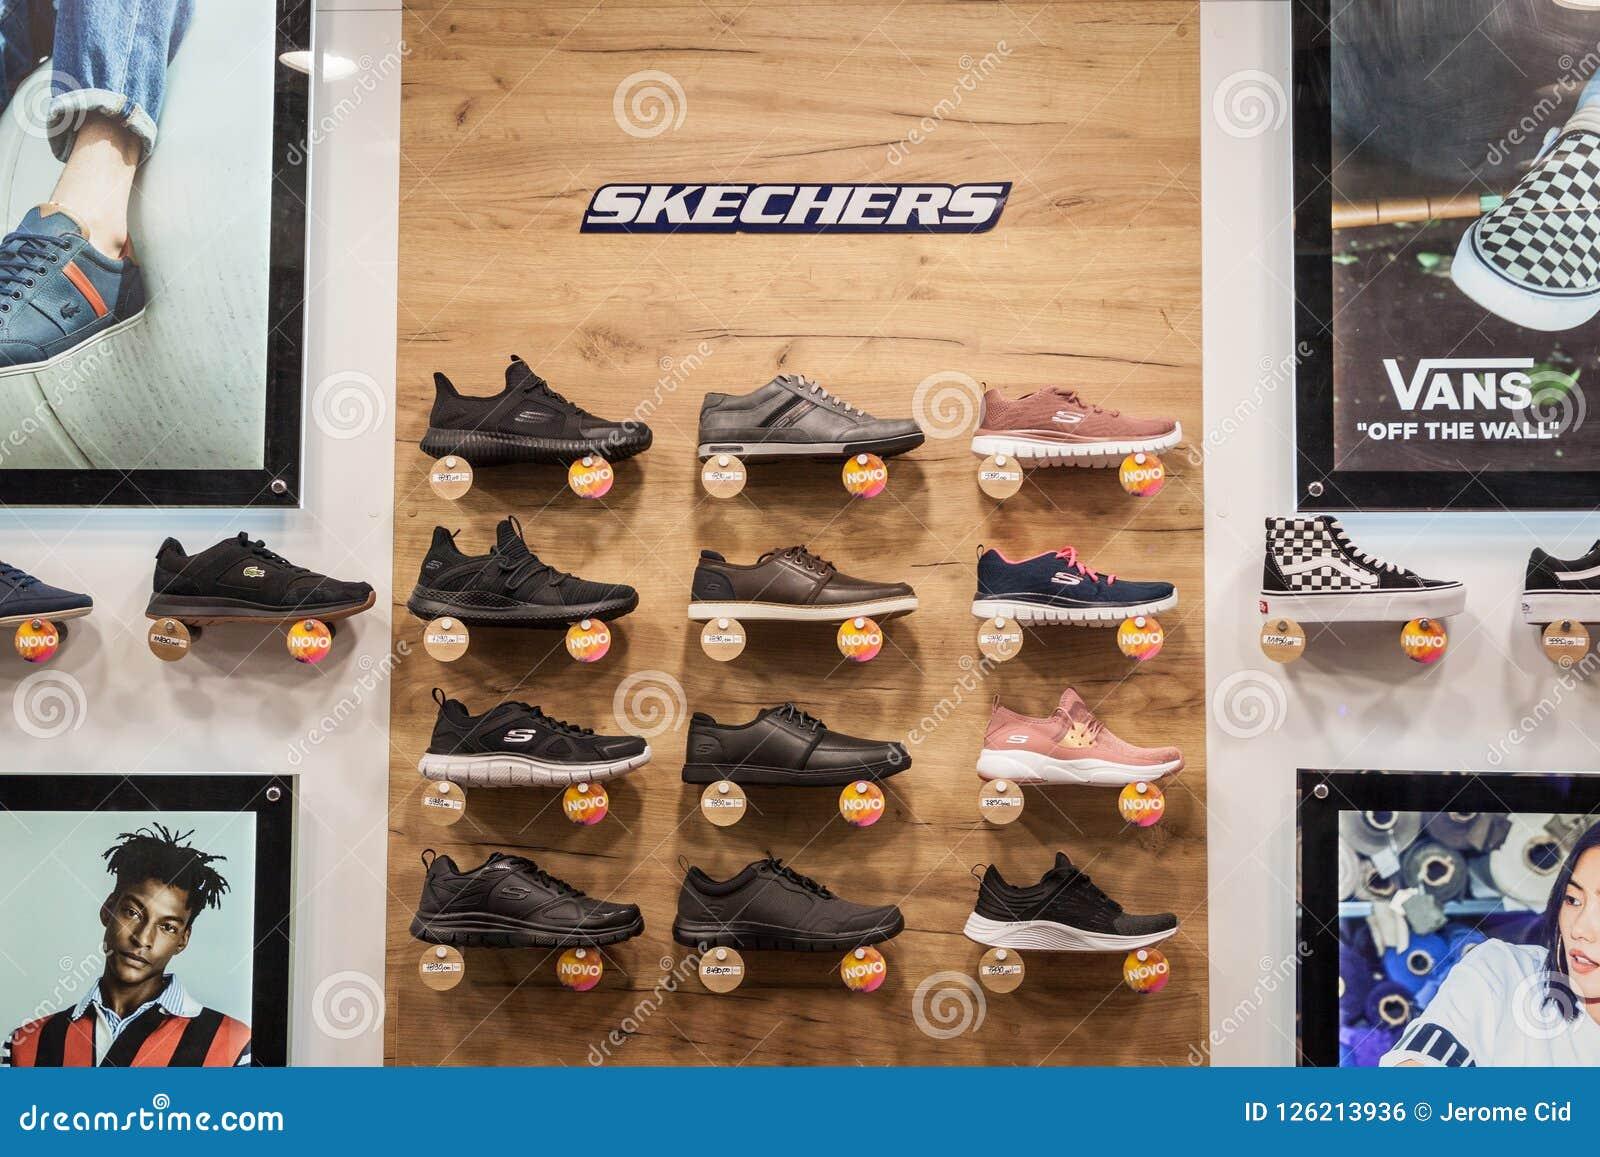 skechers shoe company